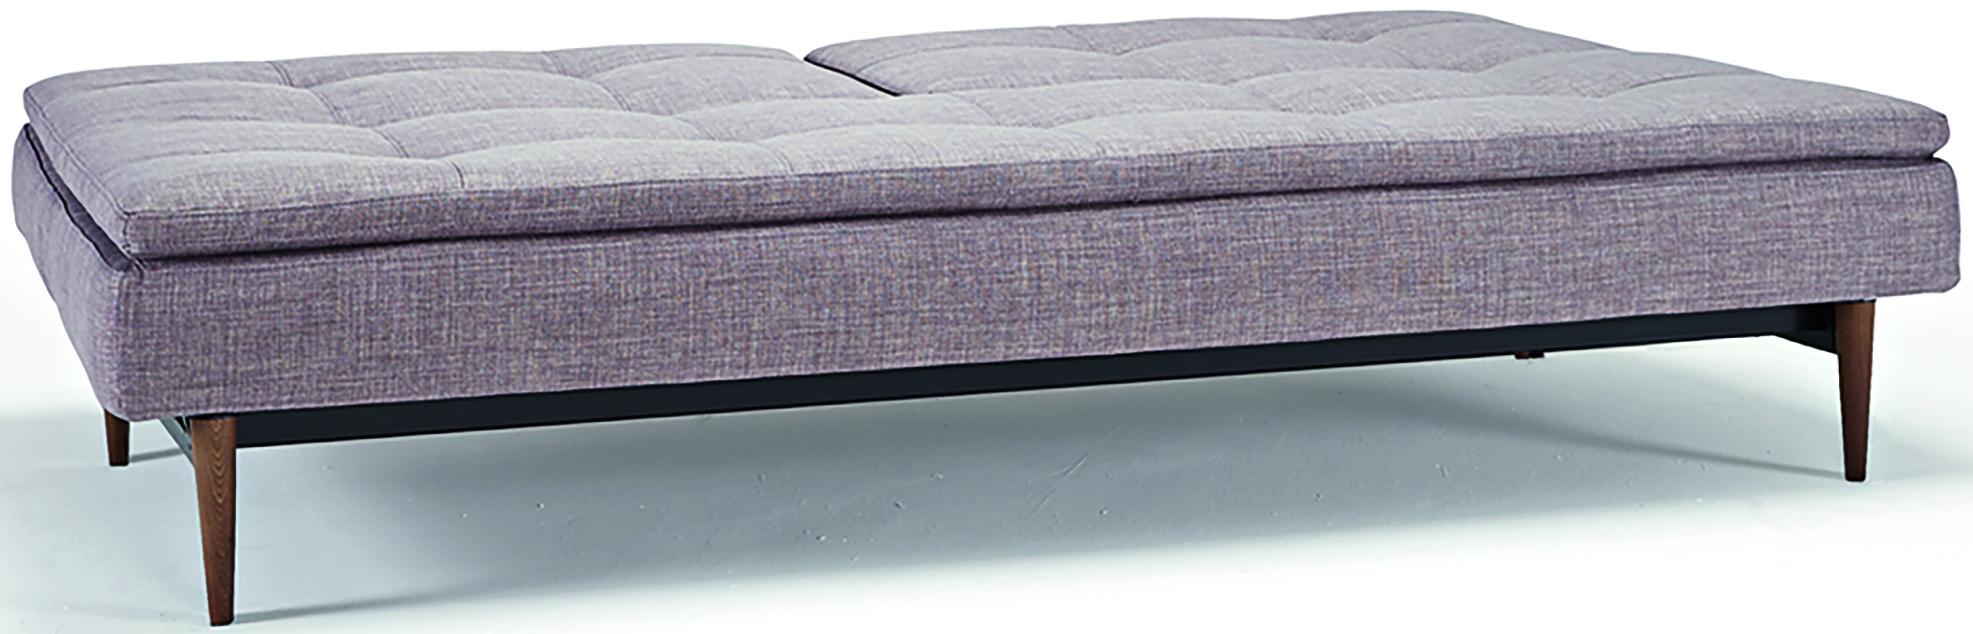 the dublexo sofa in begum grey